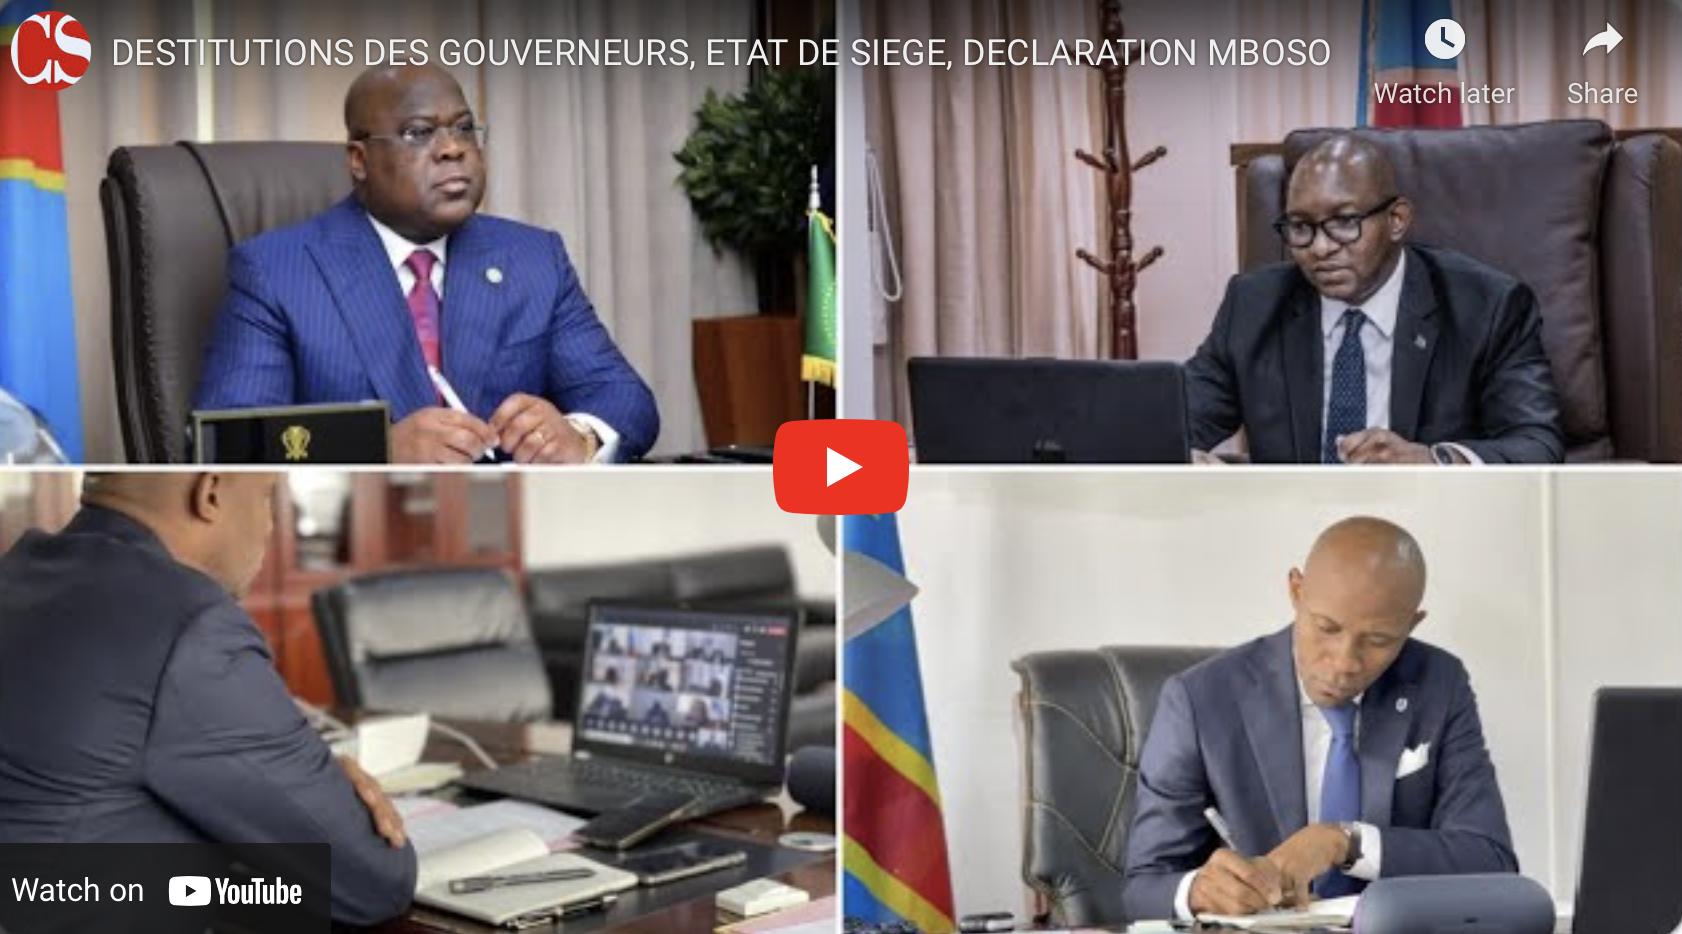 DESTITUTIONS DES GOUVERNEURS, ETAT DE SIEGE, DECLARATION MBOSO.